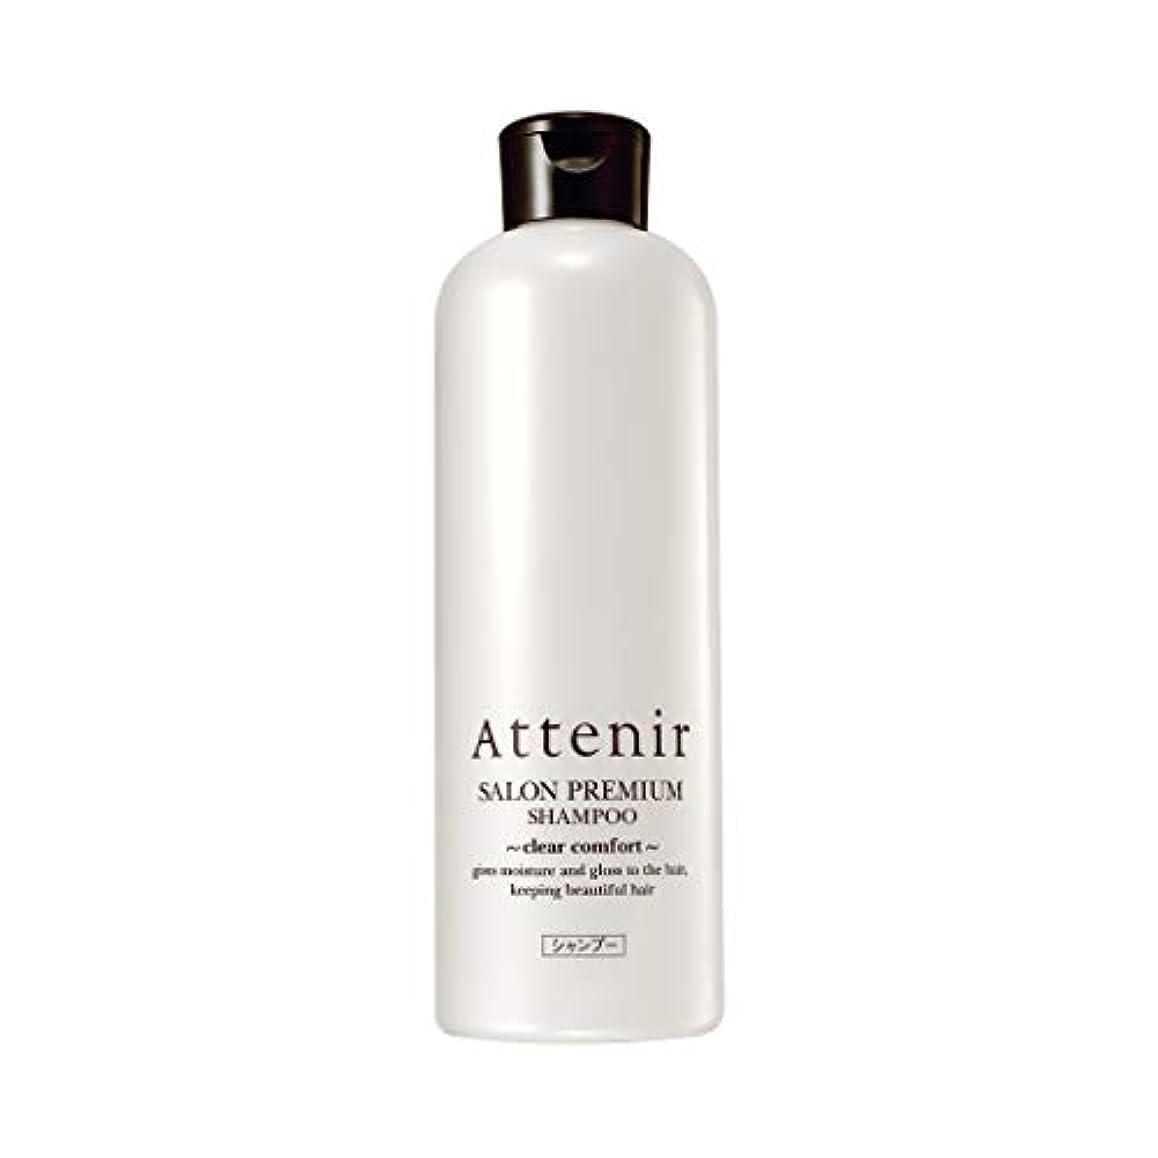 申し込む提出する高めるアテニア サロンプレミアム シャンプー クリアコンフォート グランフローラルの香り 300ml 毛髪補強成分配合